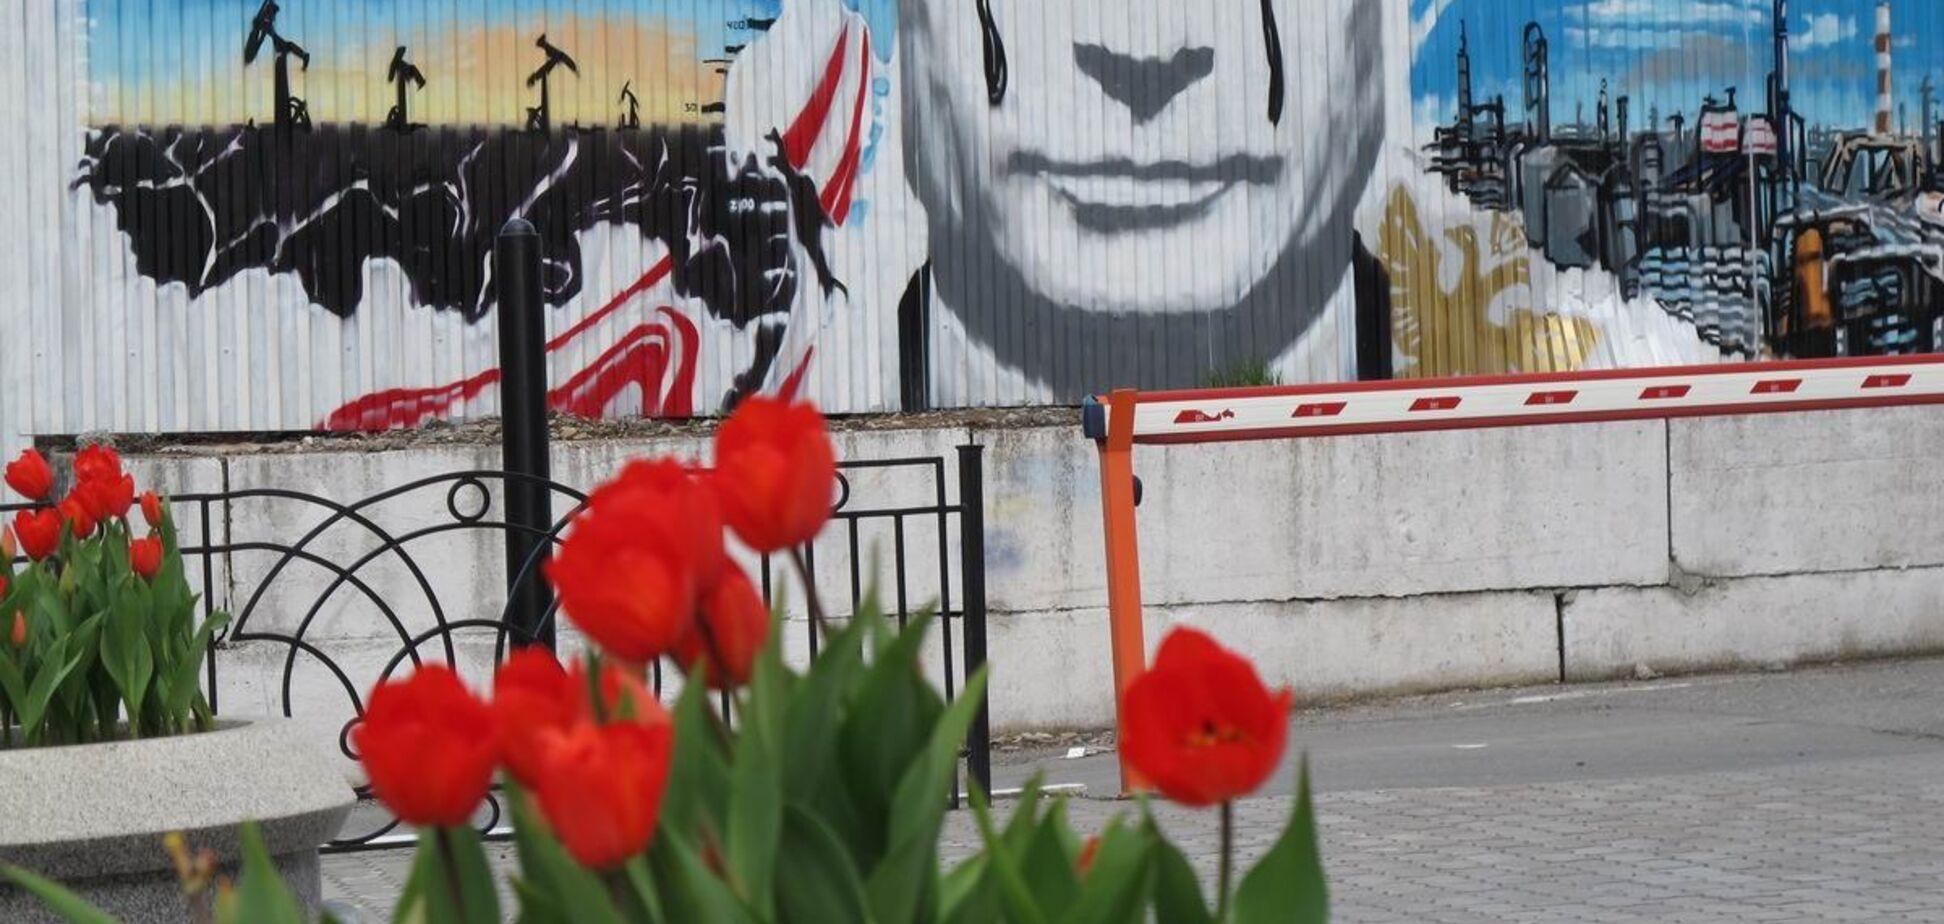 'Дни режима Путина будут сочтены': Фейгин обрисовал финал санкций США